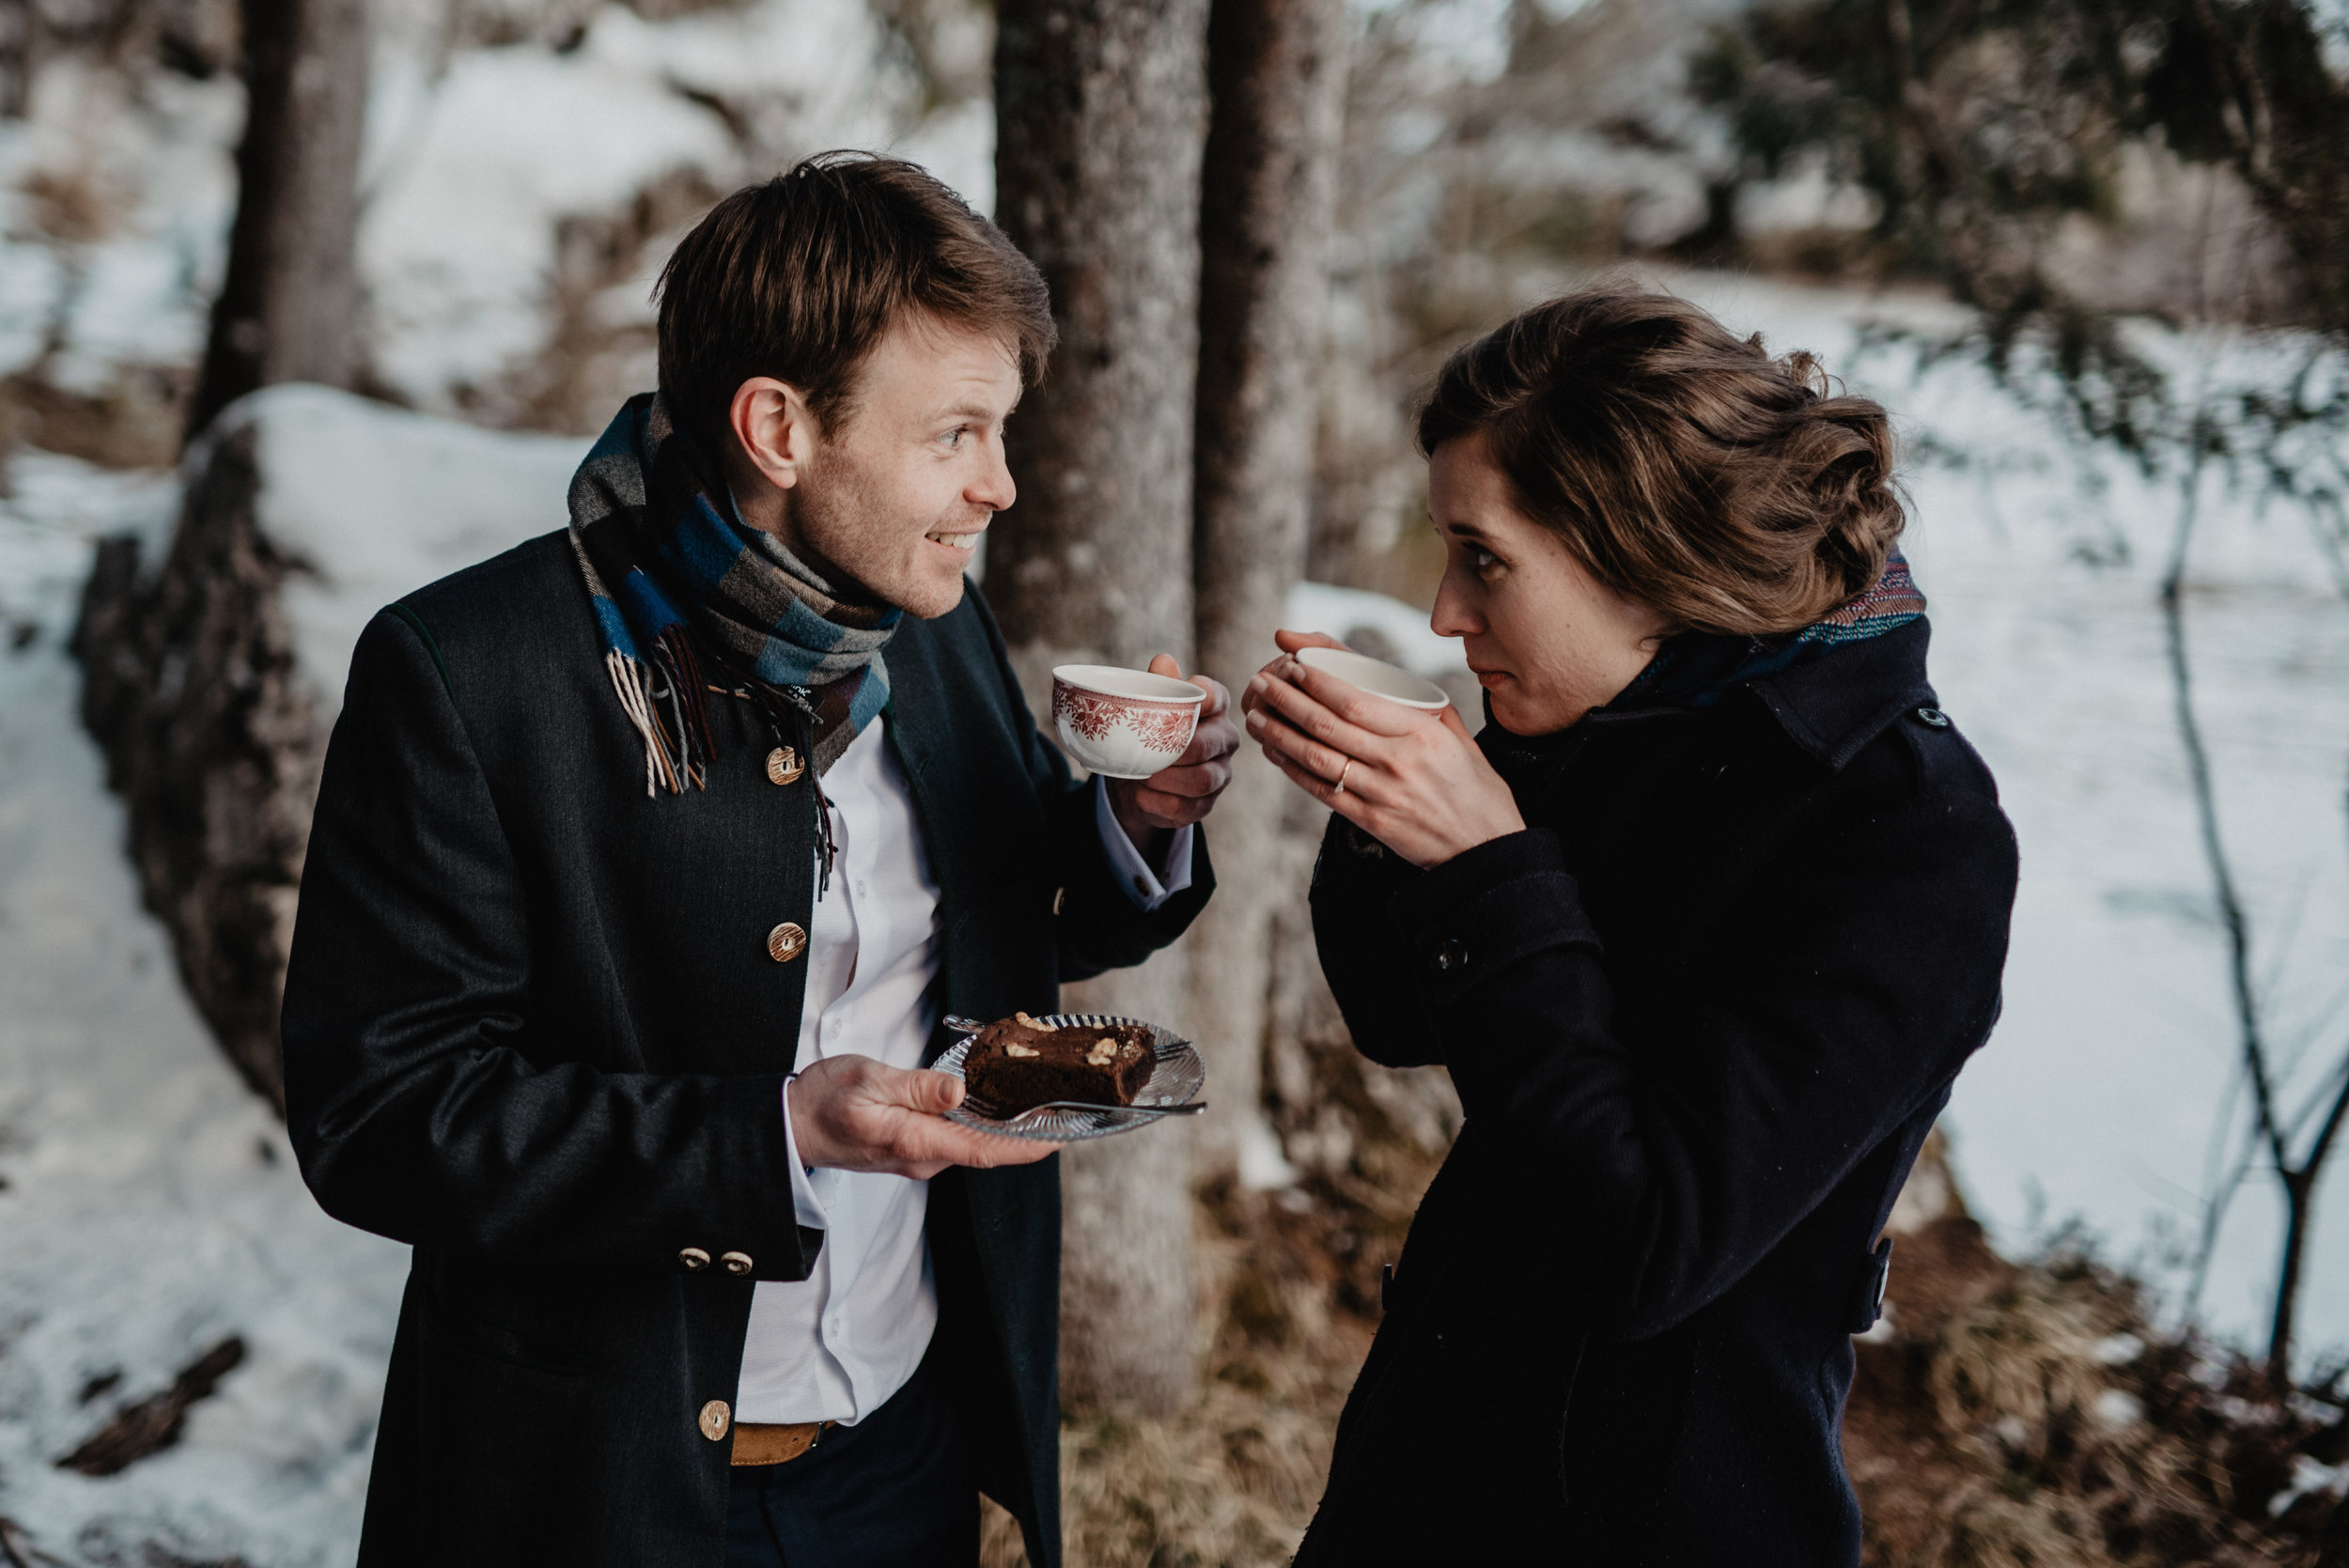 Hochzeit-Berchtesgaden-Hintersee-MissFrecklesPhotography-38.jpg